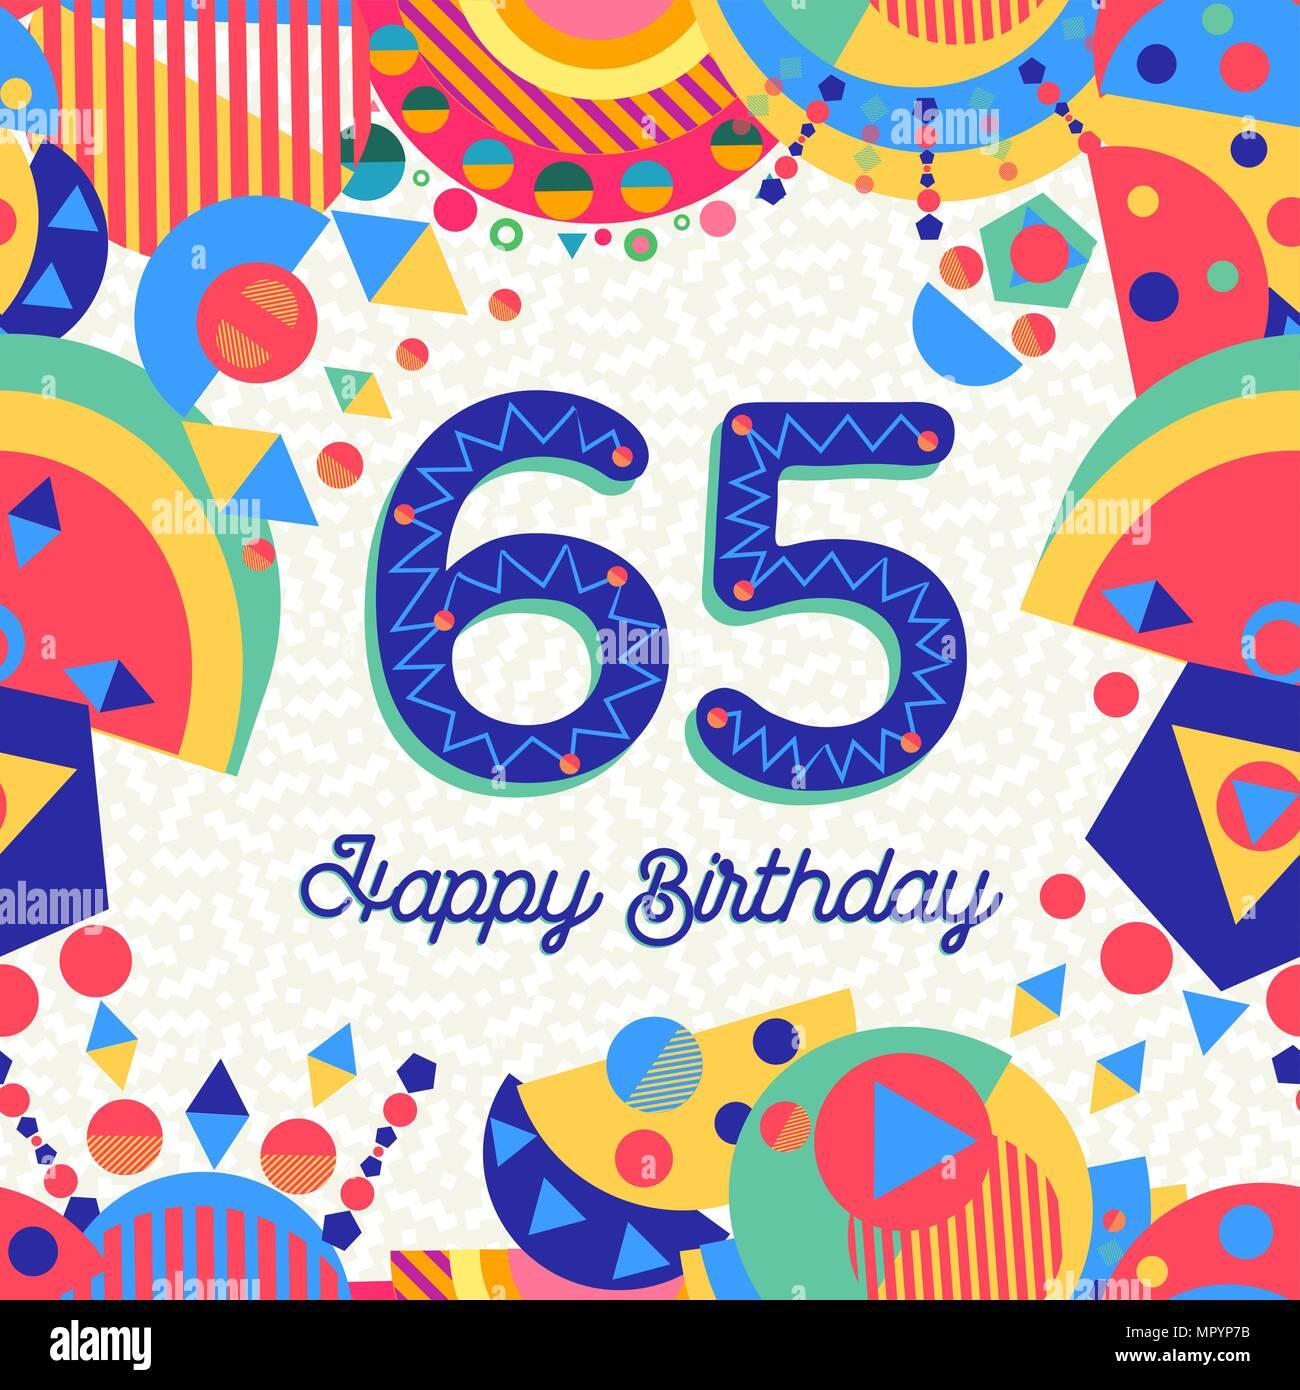 Auguri Buon Compleanno 65 Anni.Buon Compleanno Sessanta Cinque 65 Anno Design Divertente